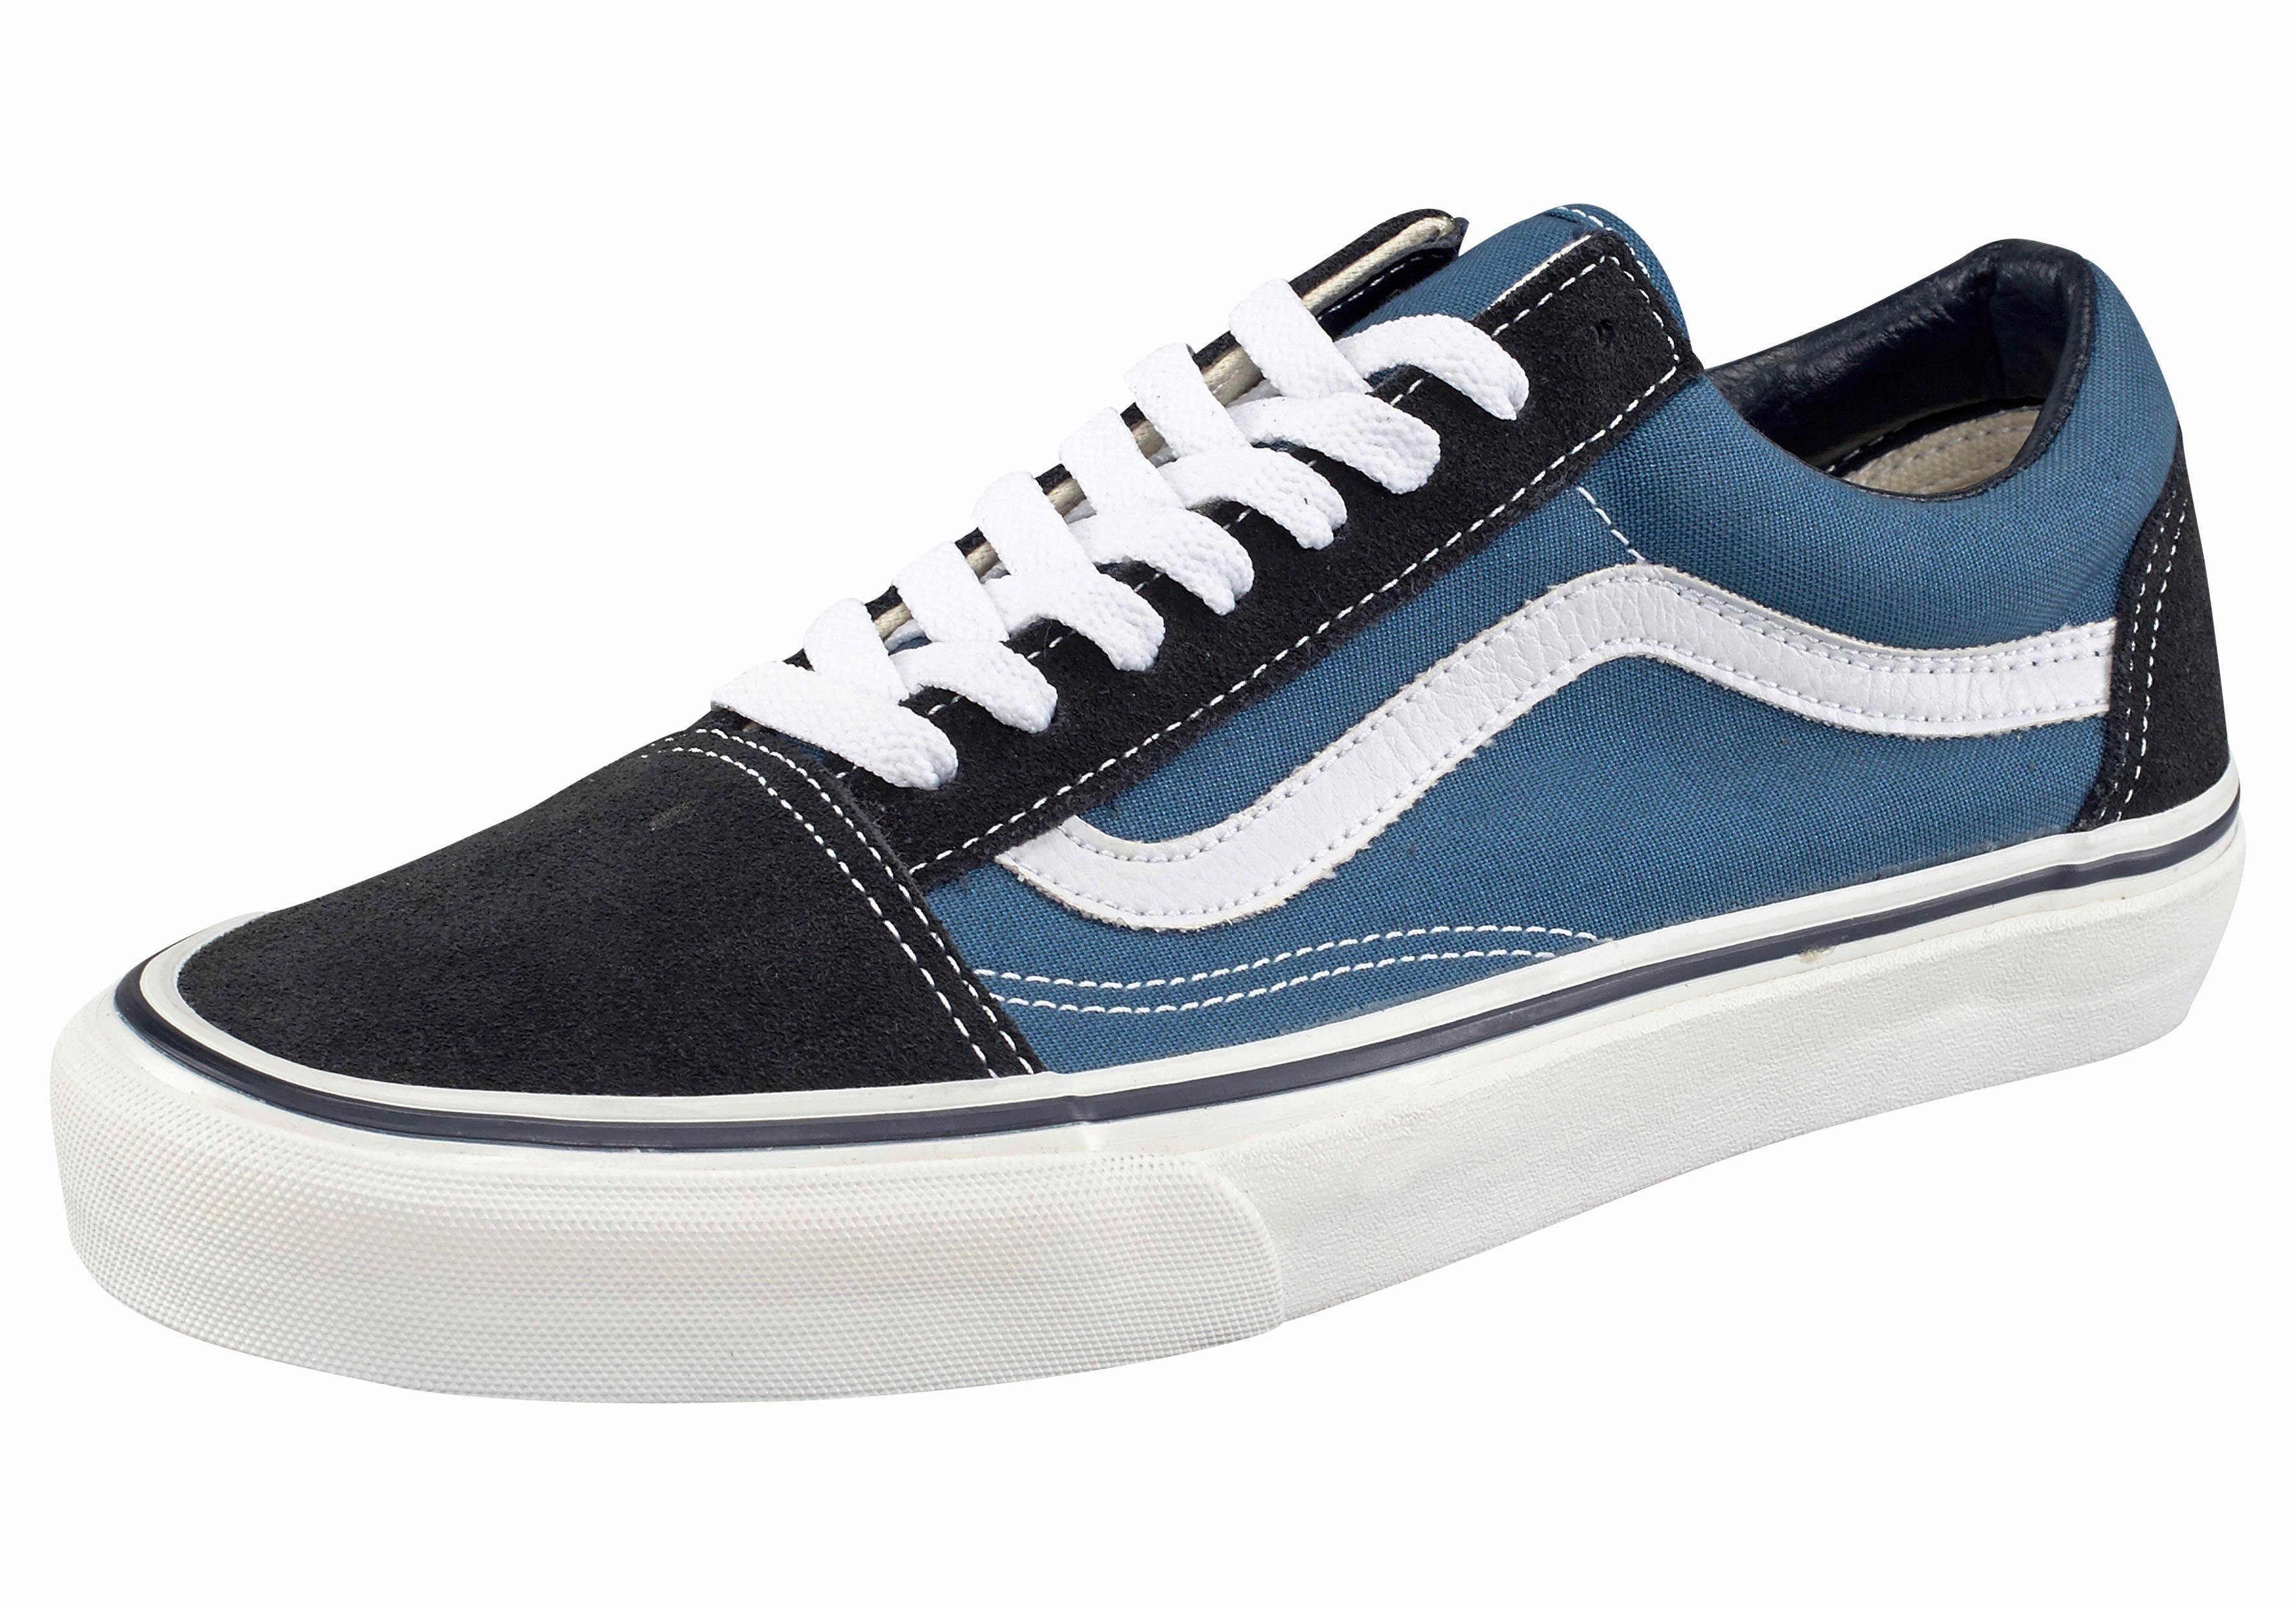 Vans Old Skool Sneaker, Unisex online kaufen  marine-blau